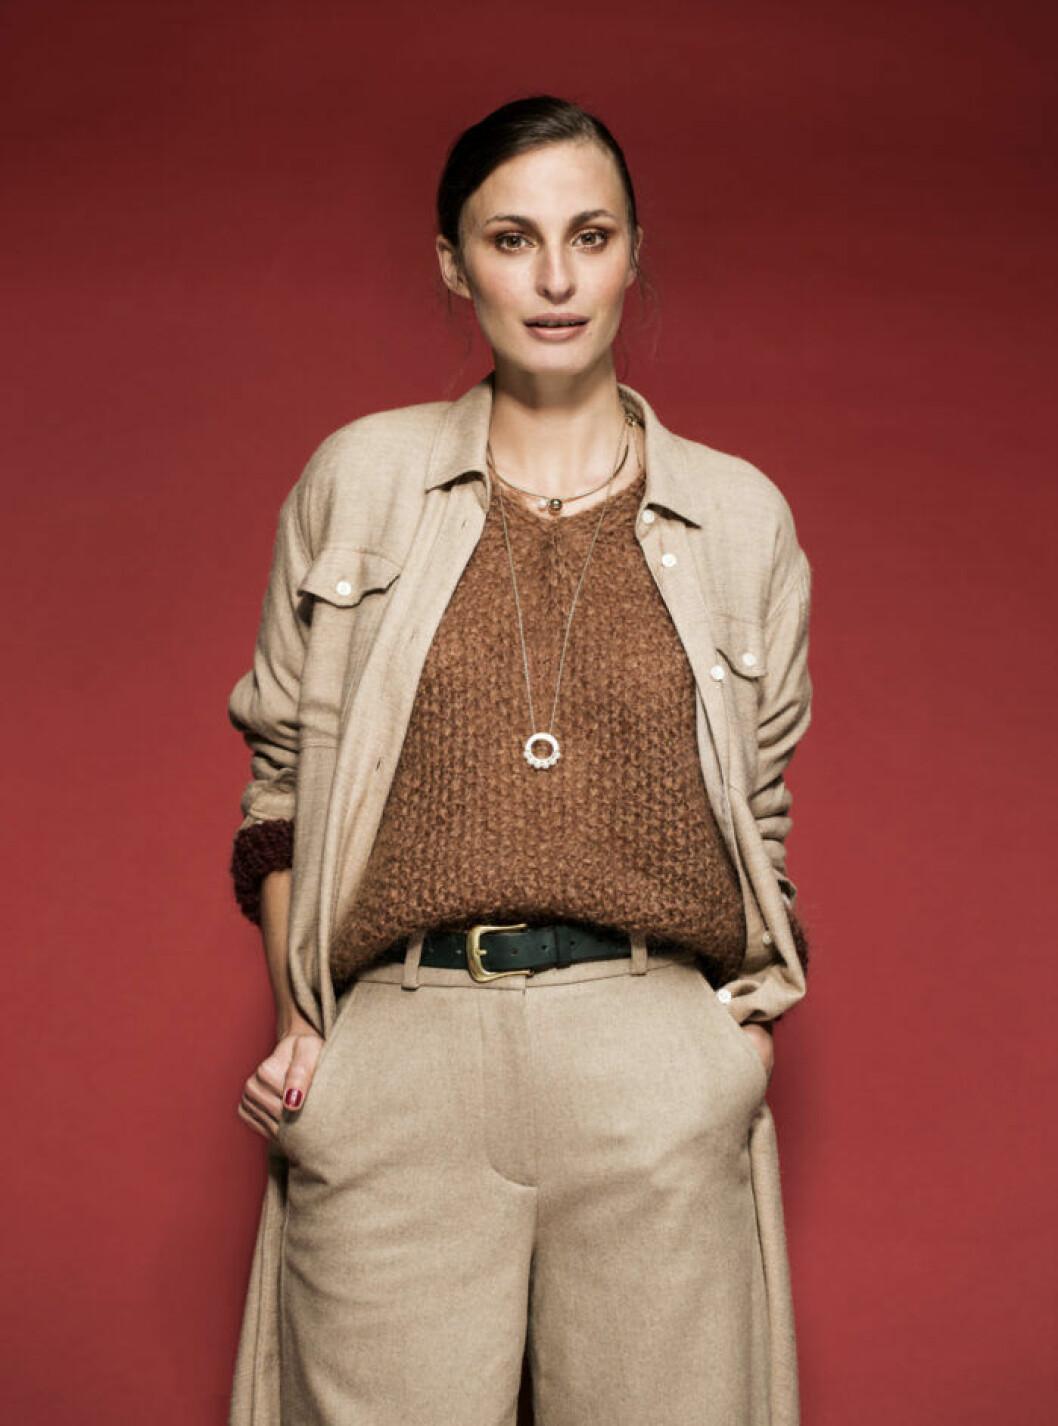 FEMINA MODE nr 13 2109 modell Lina i beige skjorta och congacsbrun tröja